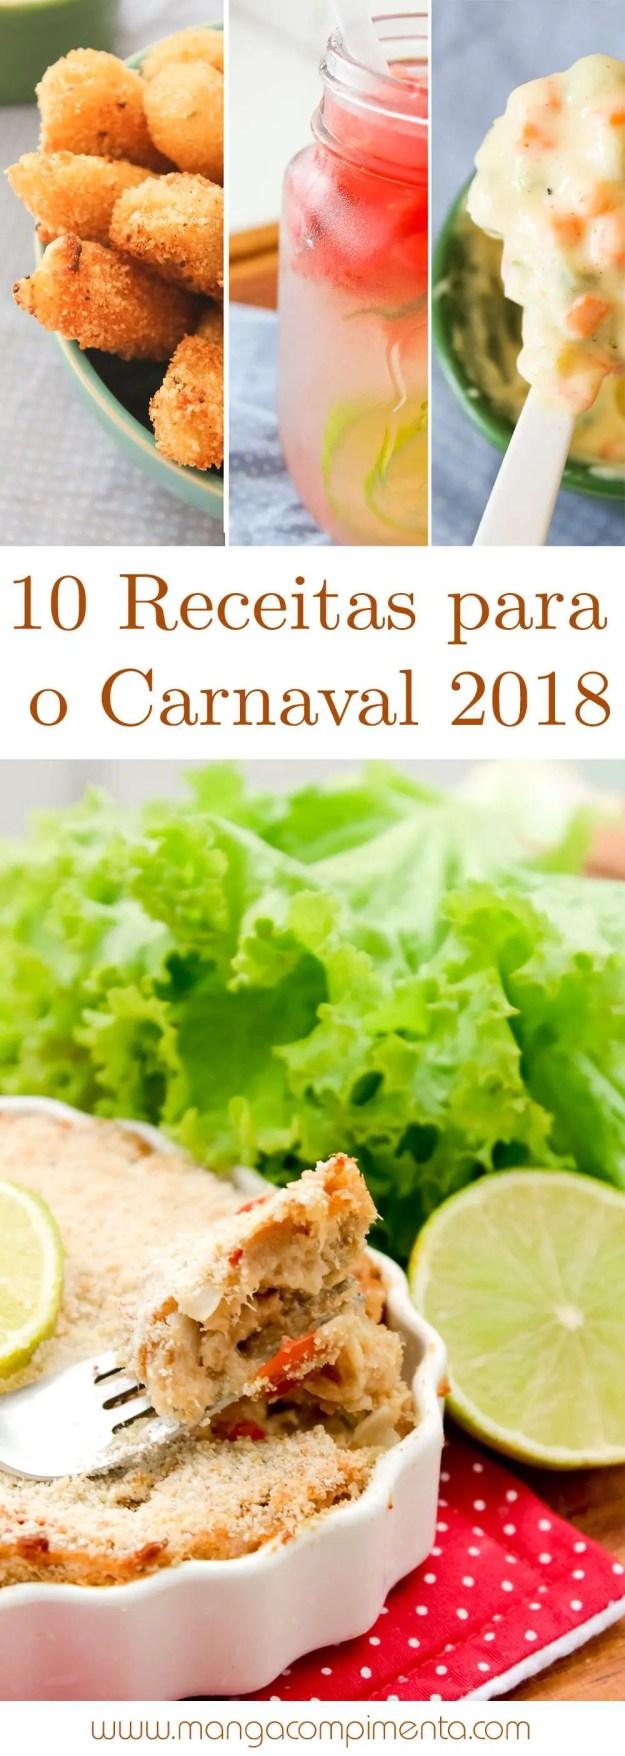 Confira 10 Receitas para o Carnaval 2018 | Perfeito para Folia de Verão